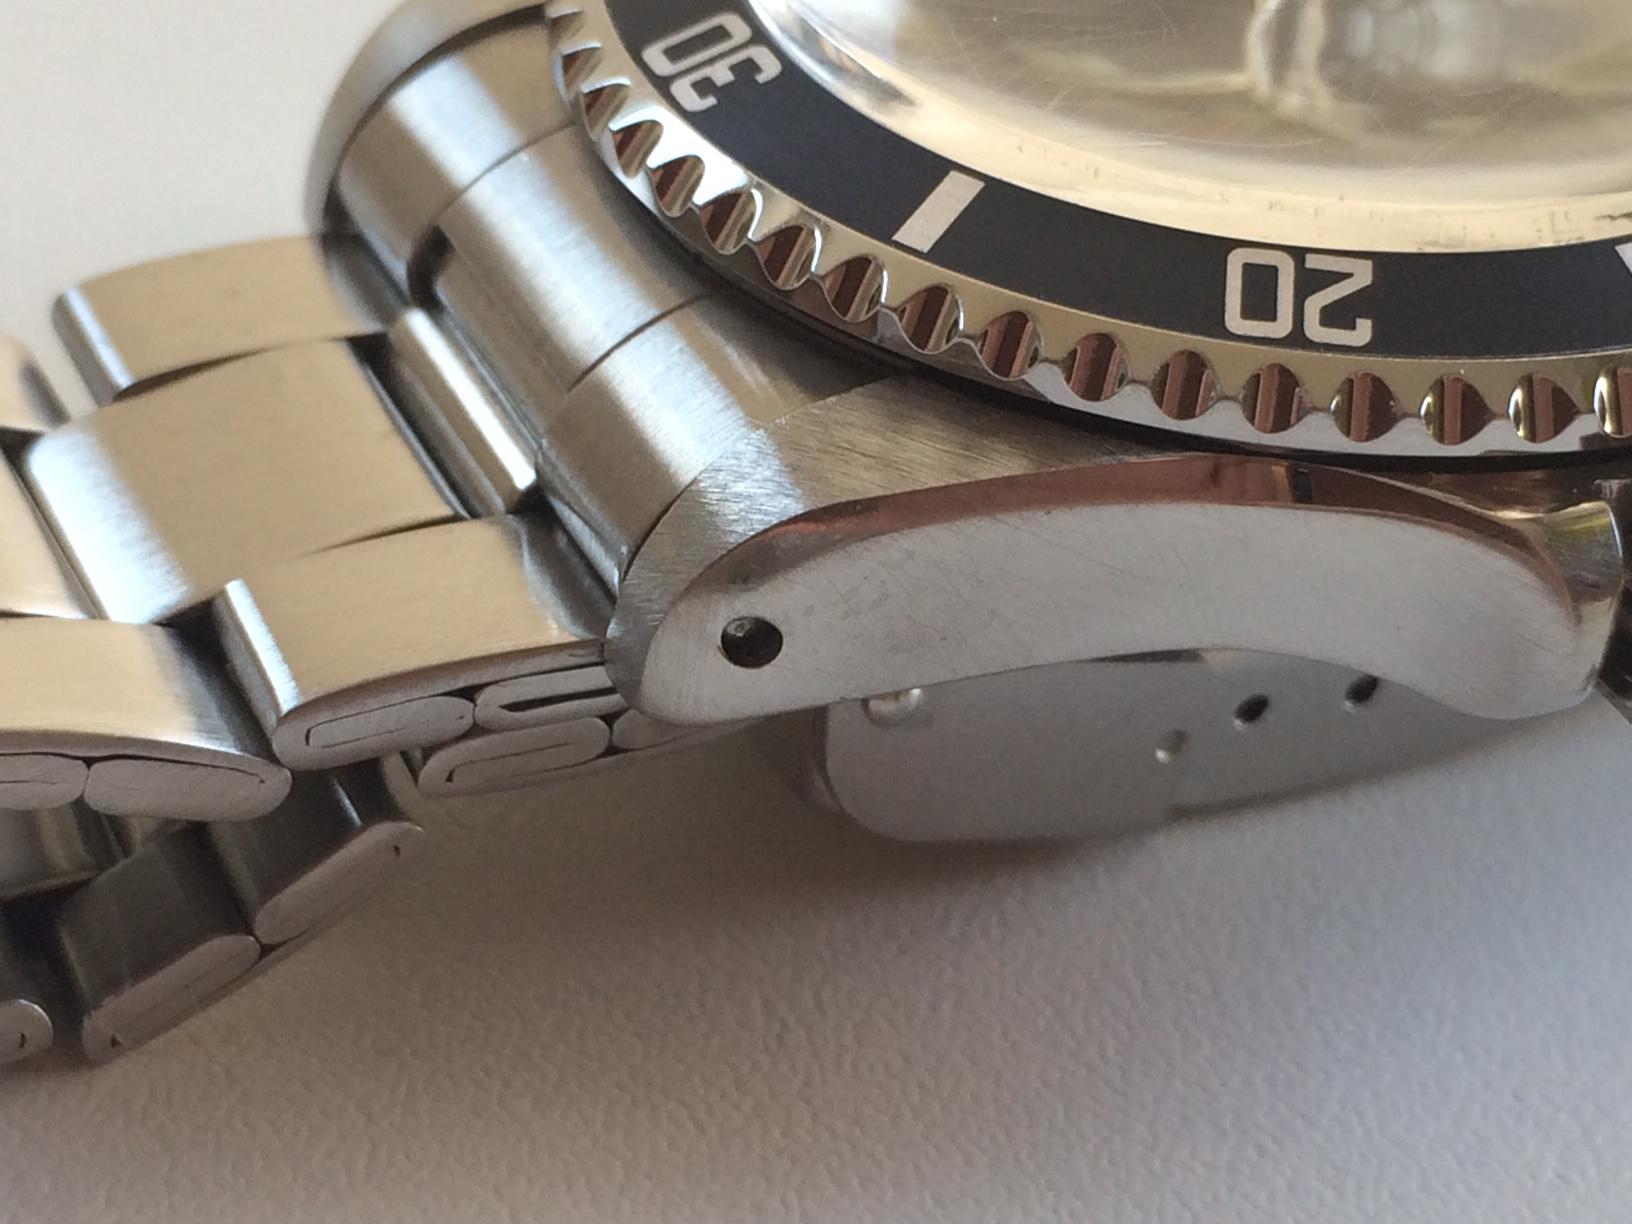 Κατασκευή – Rolex 5513 Tiffany & Co με Custom Καντράν - Ιδιοκατασκευές